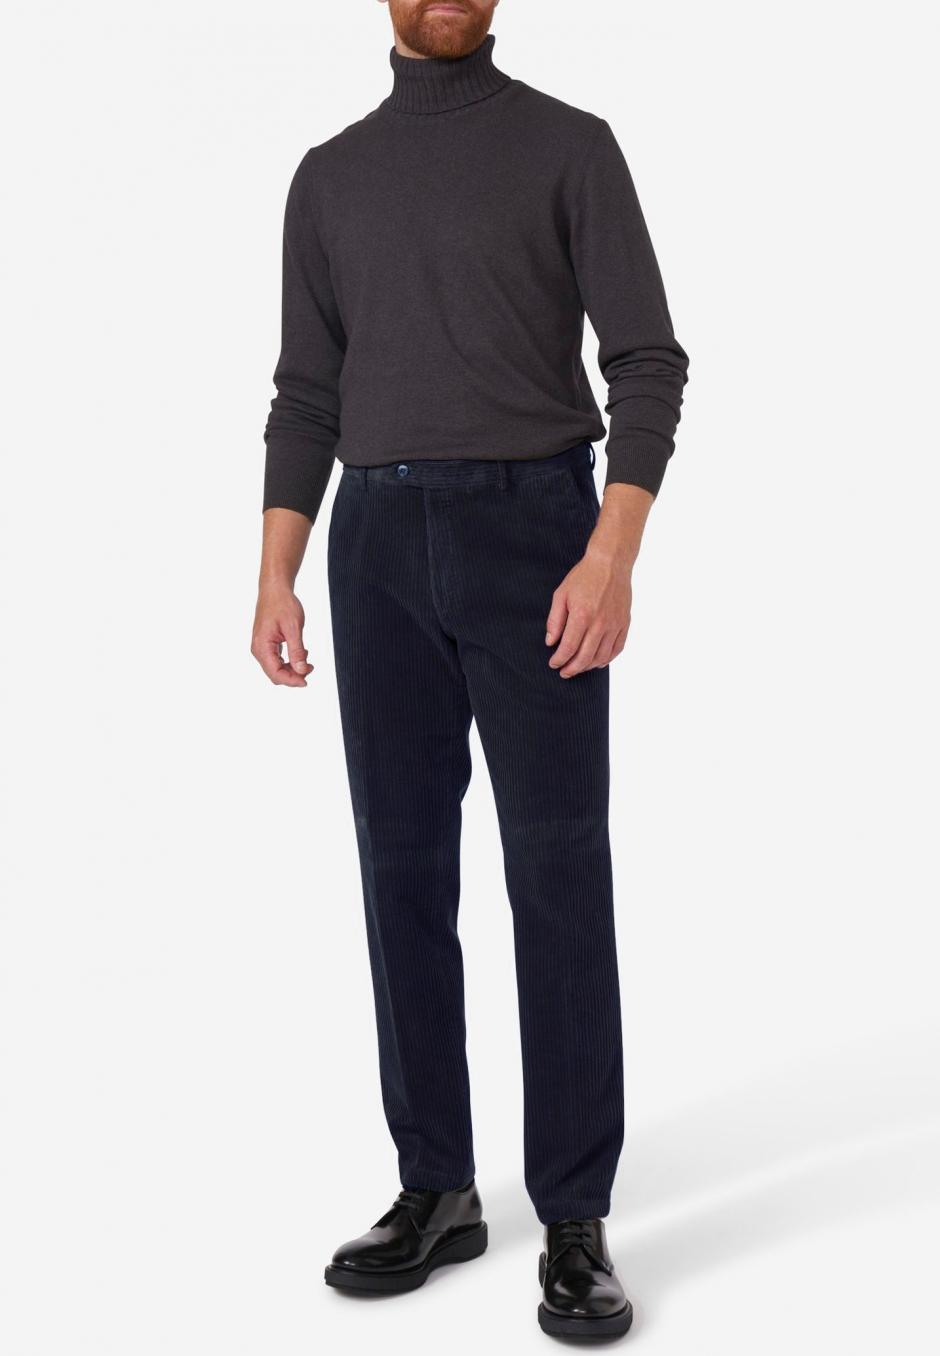 Oscar Jacobson Denz Trousers